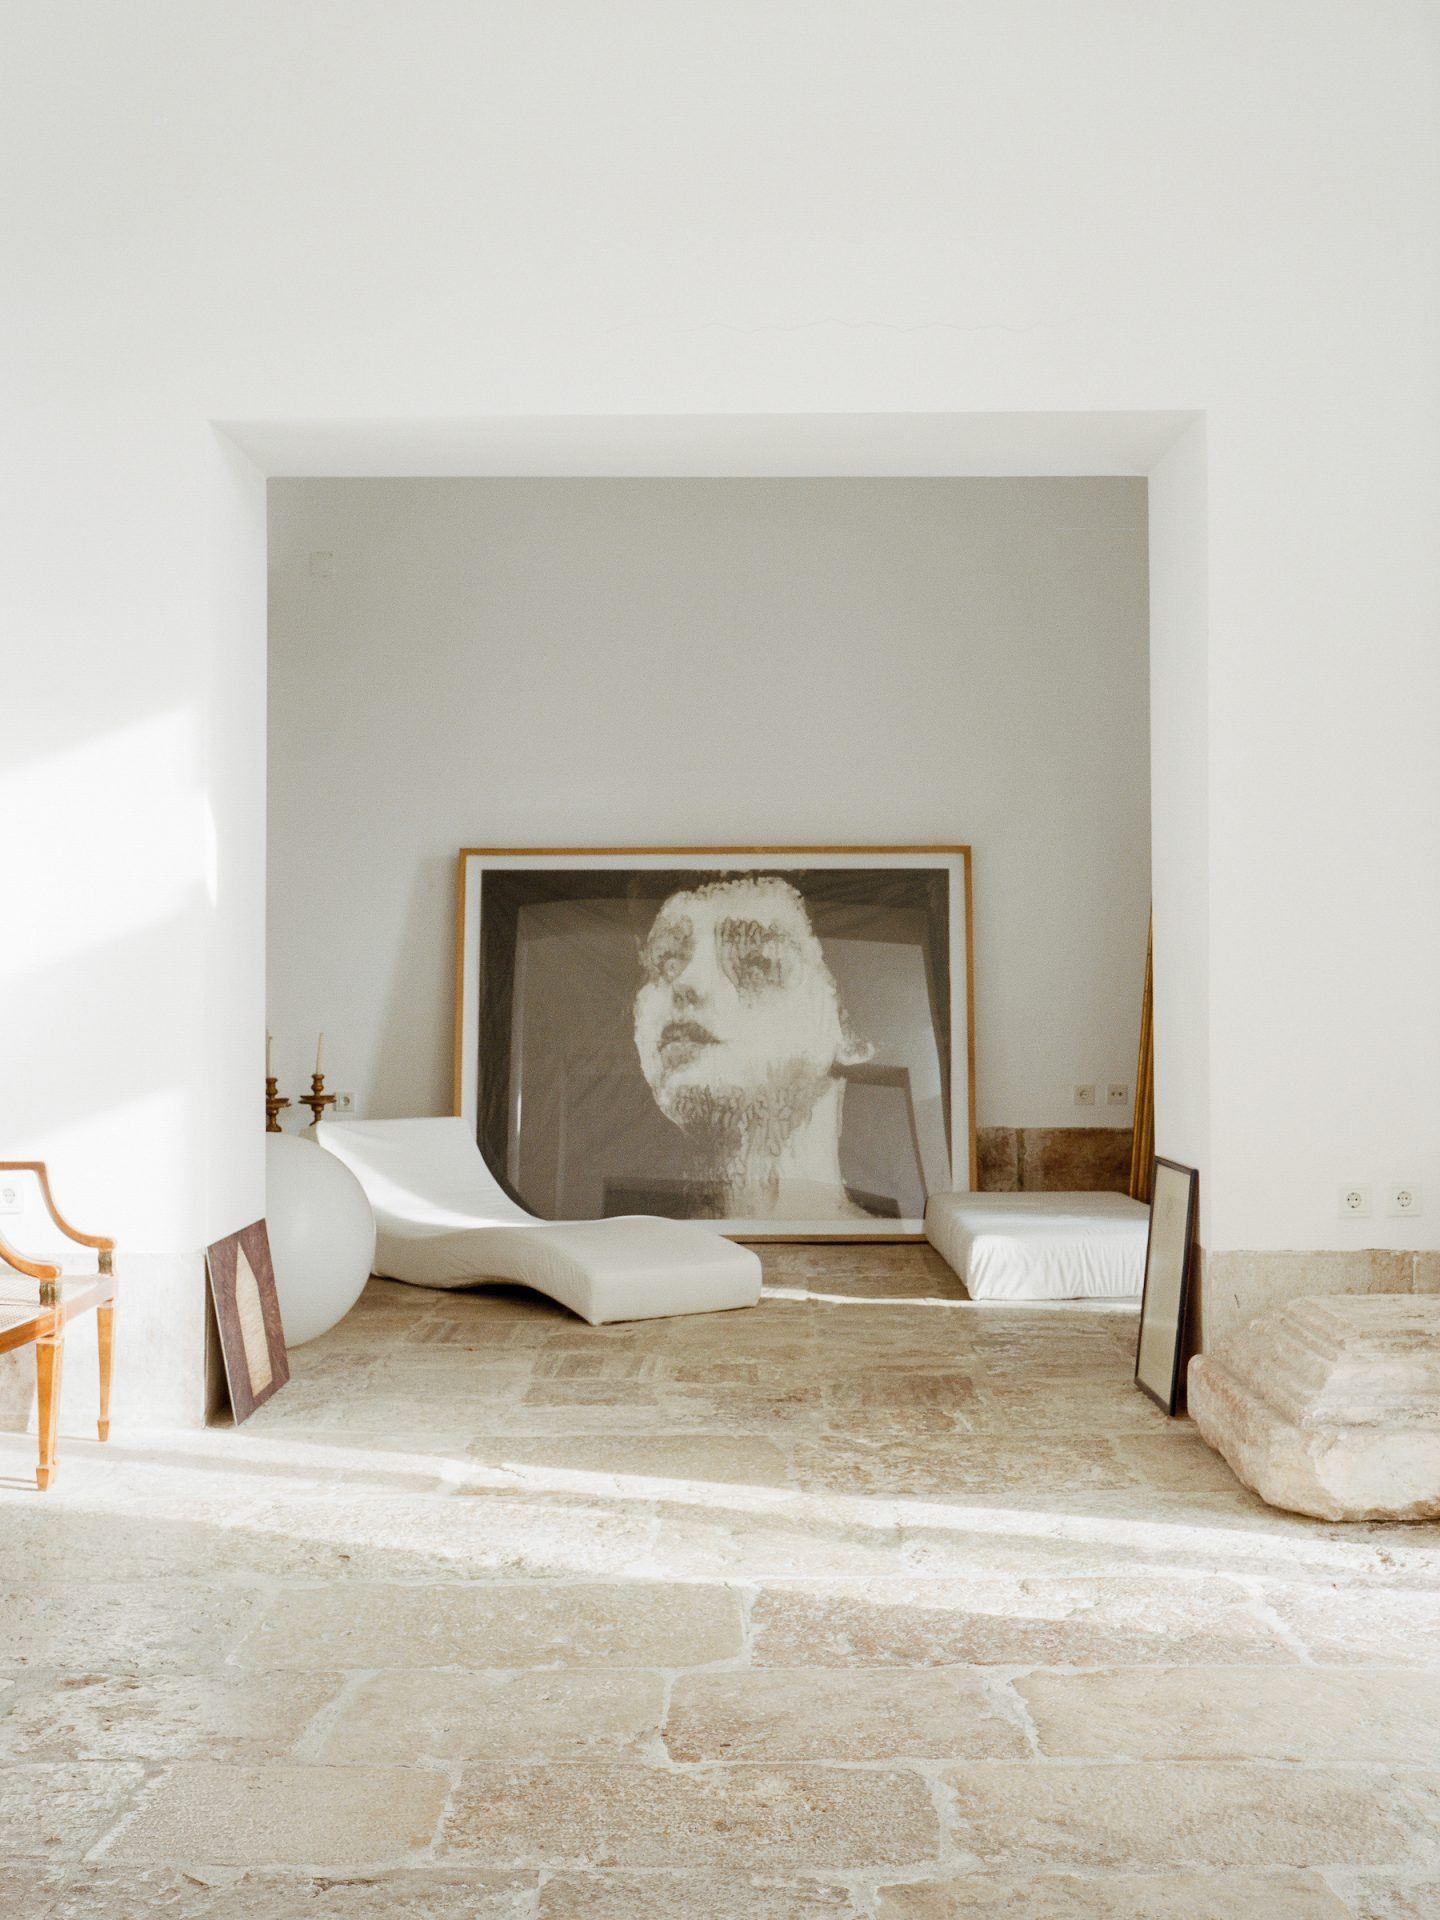 IGNANT-Photography-Rui-Cardoso- Sao-Mamede-06